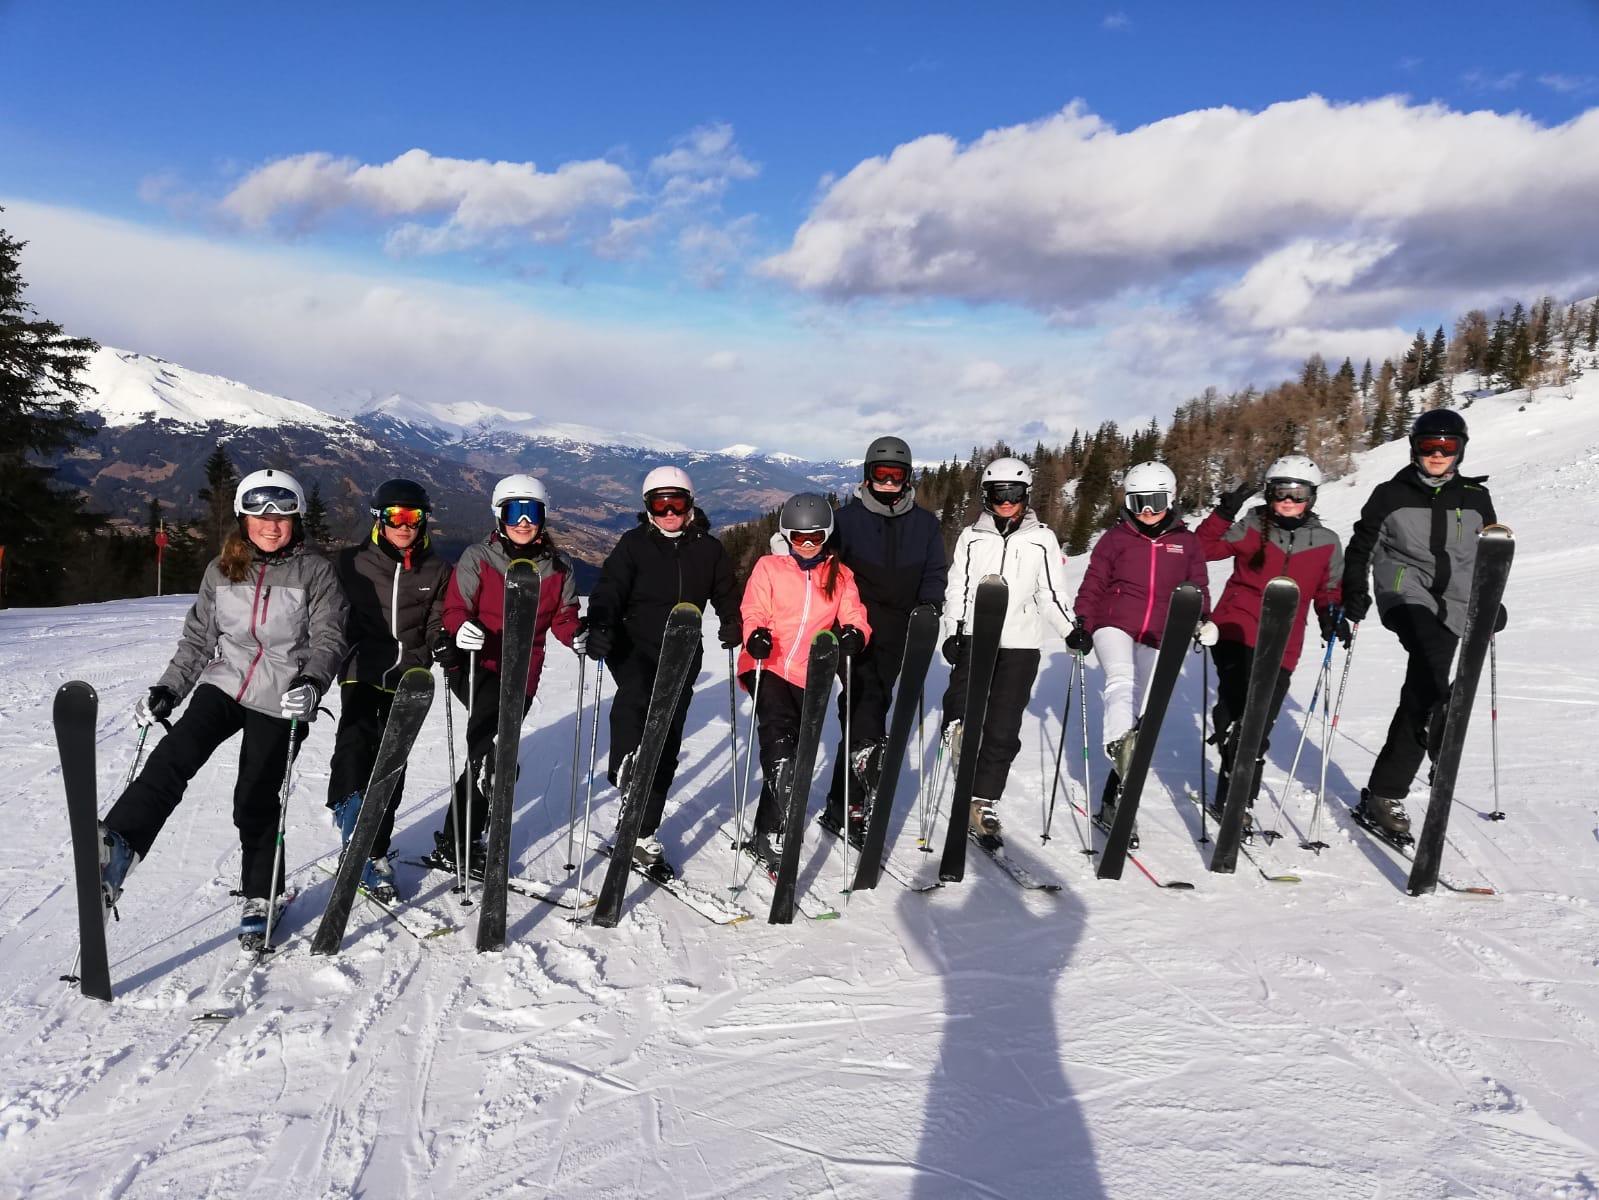 Skifreizeit 2020: Sonne satt, Schnee, Super-Schüler…